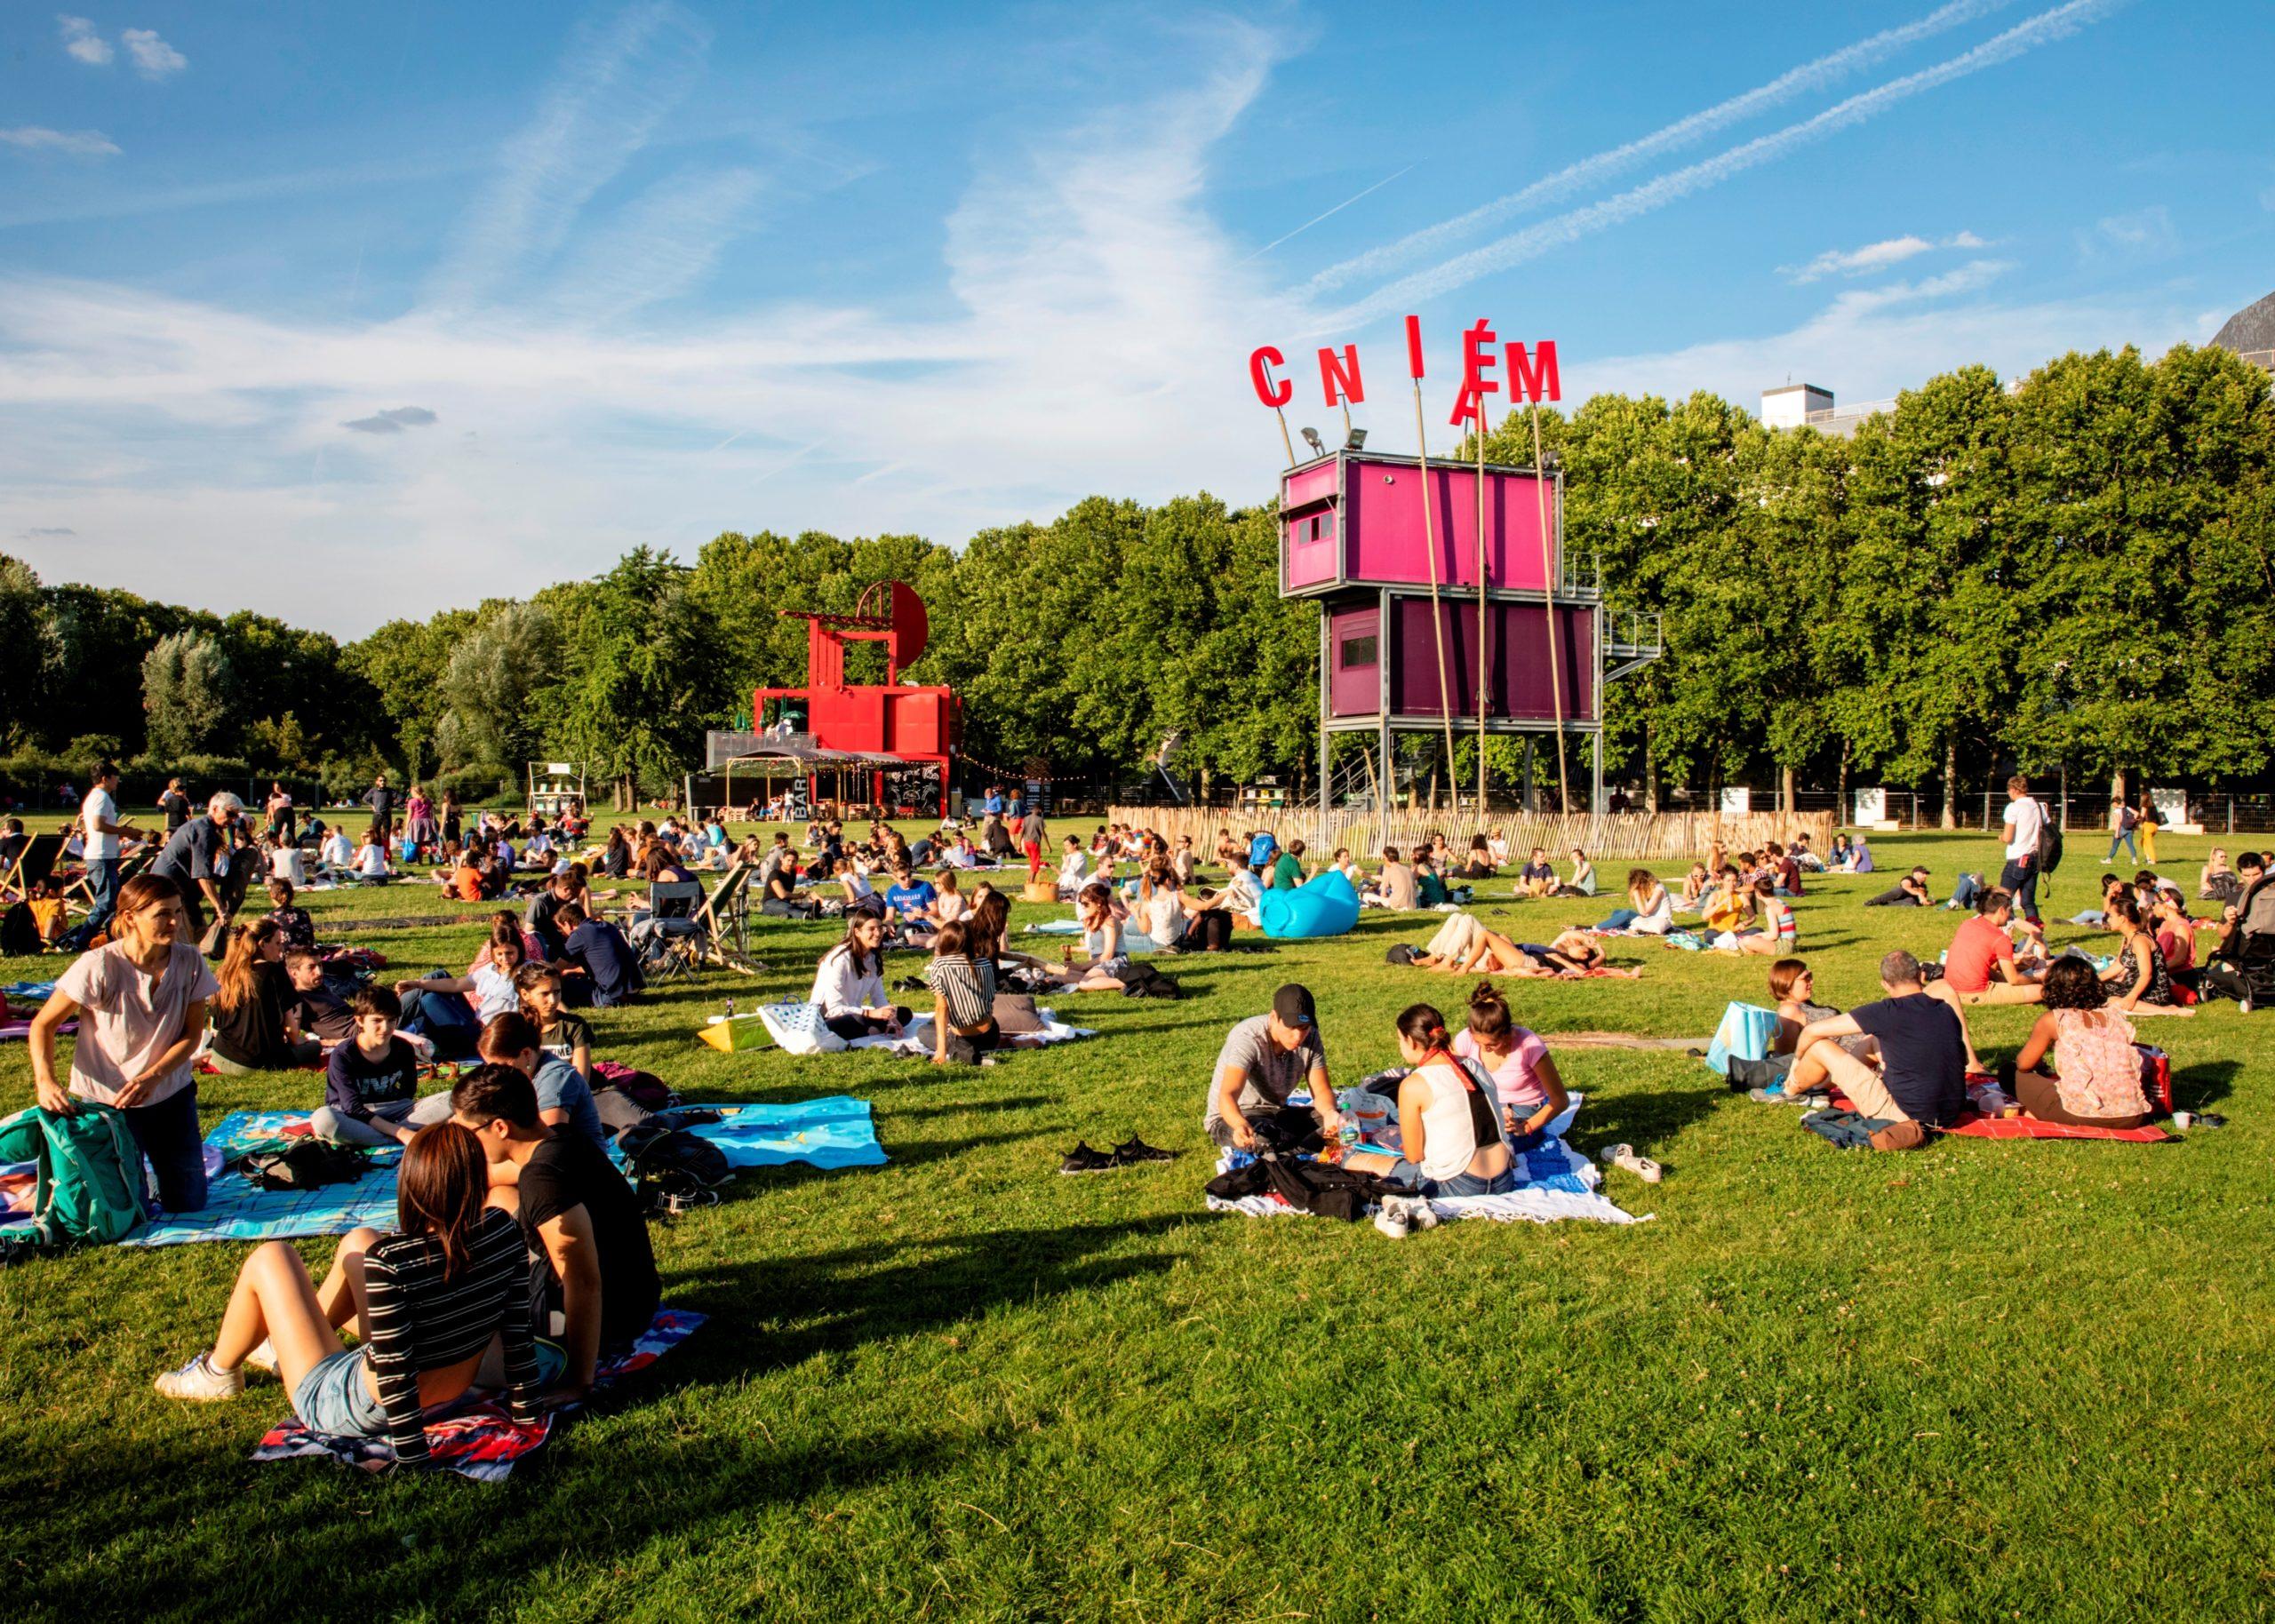 cinéma plein air la villette 2020 paris été cinéma plein air la villette vilette juillet aout